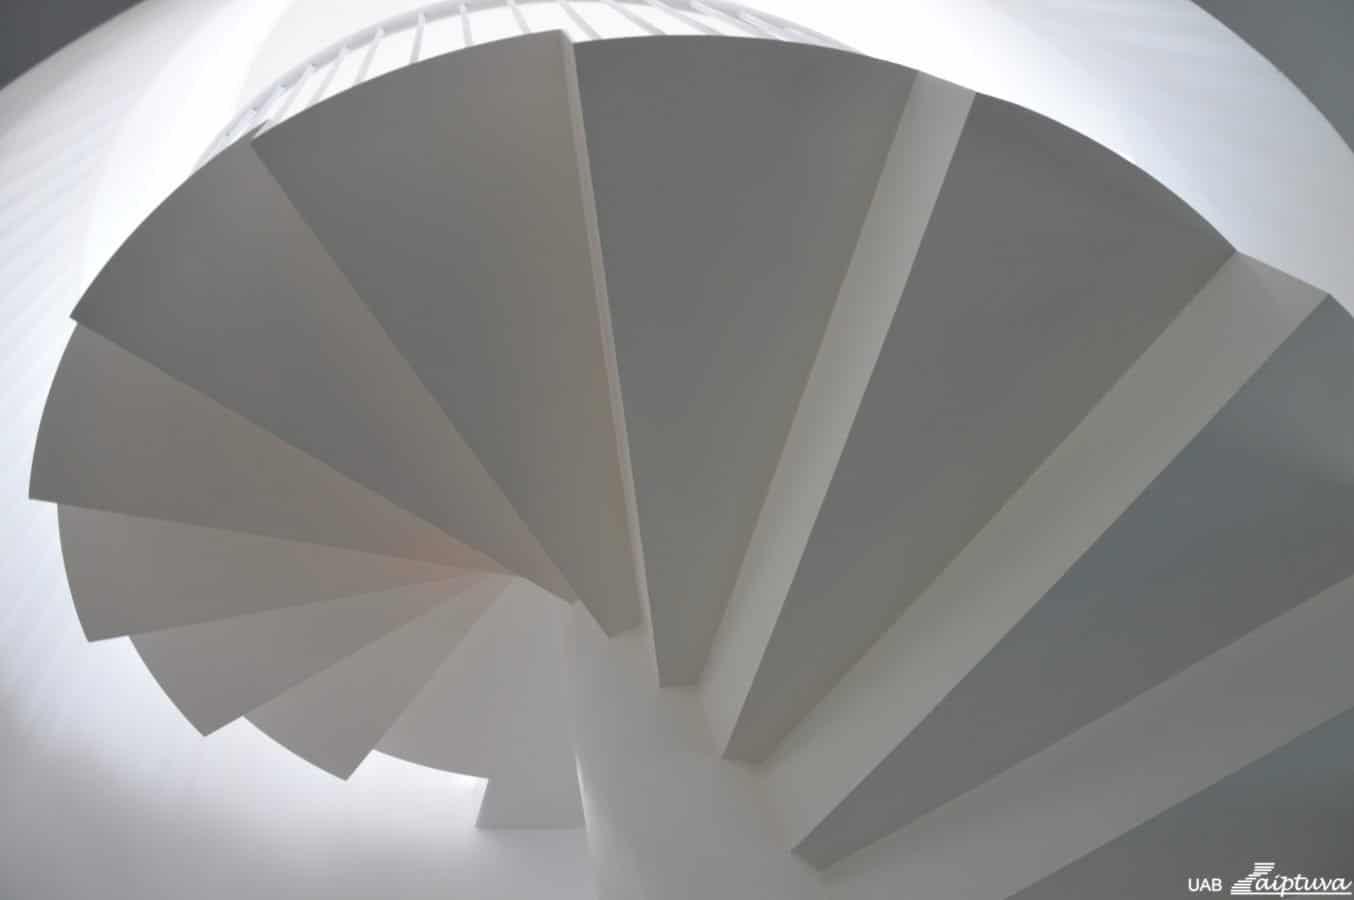 Sraigtiniai laiptai S3-3